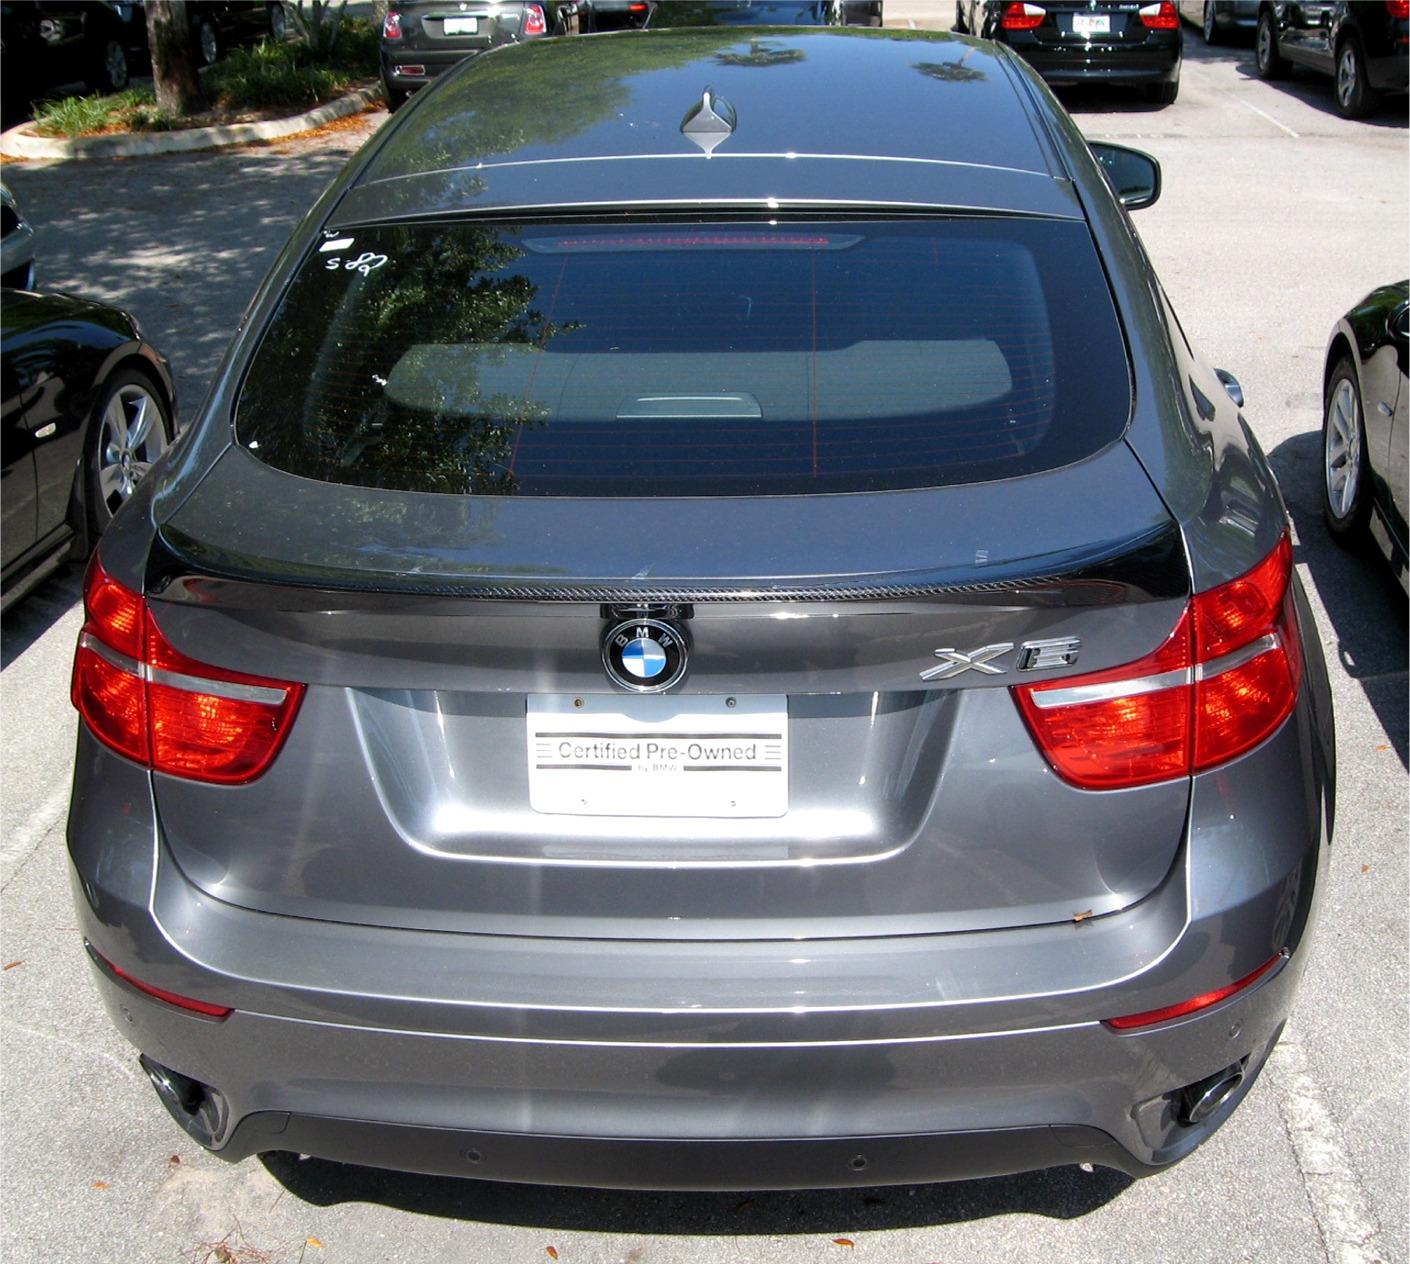 Bmw X6 Video Review: 2008-2013 BMW X6 ACS Style Rear Lip Spoiler